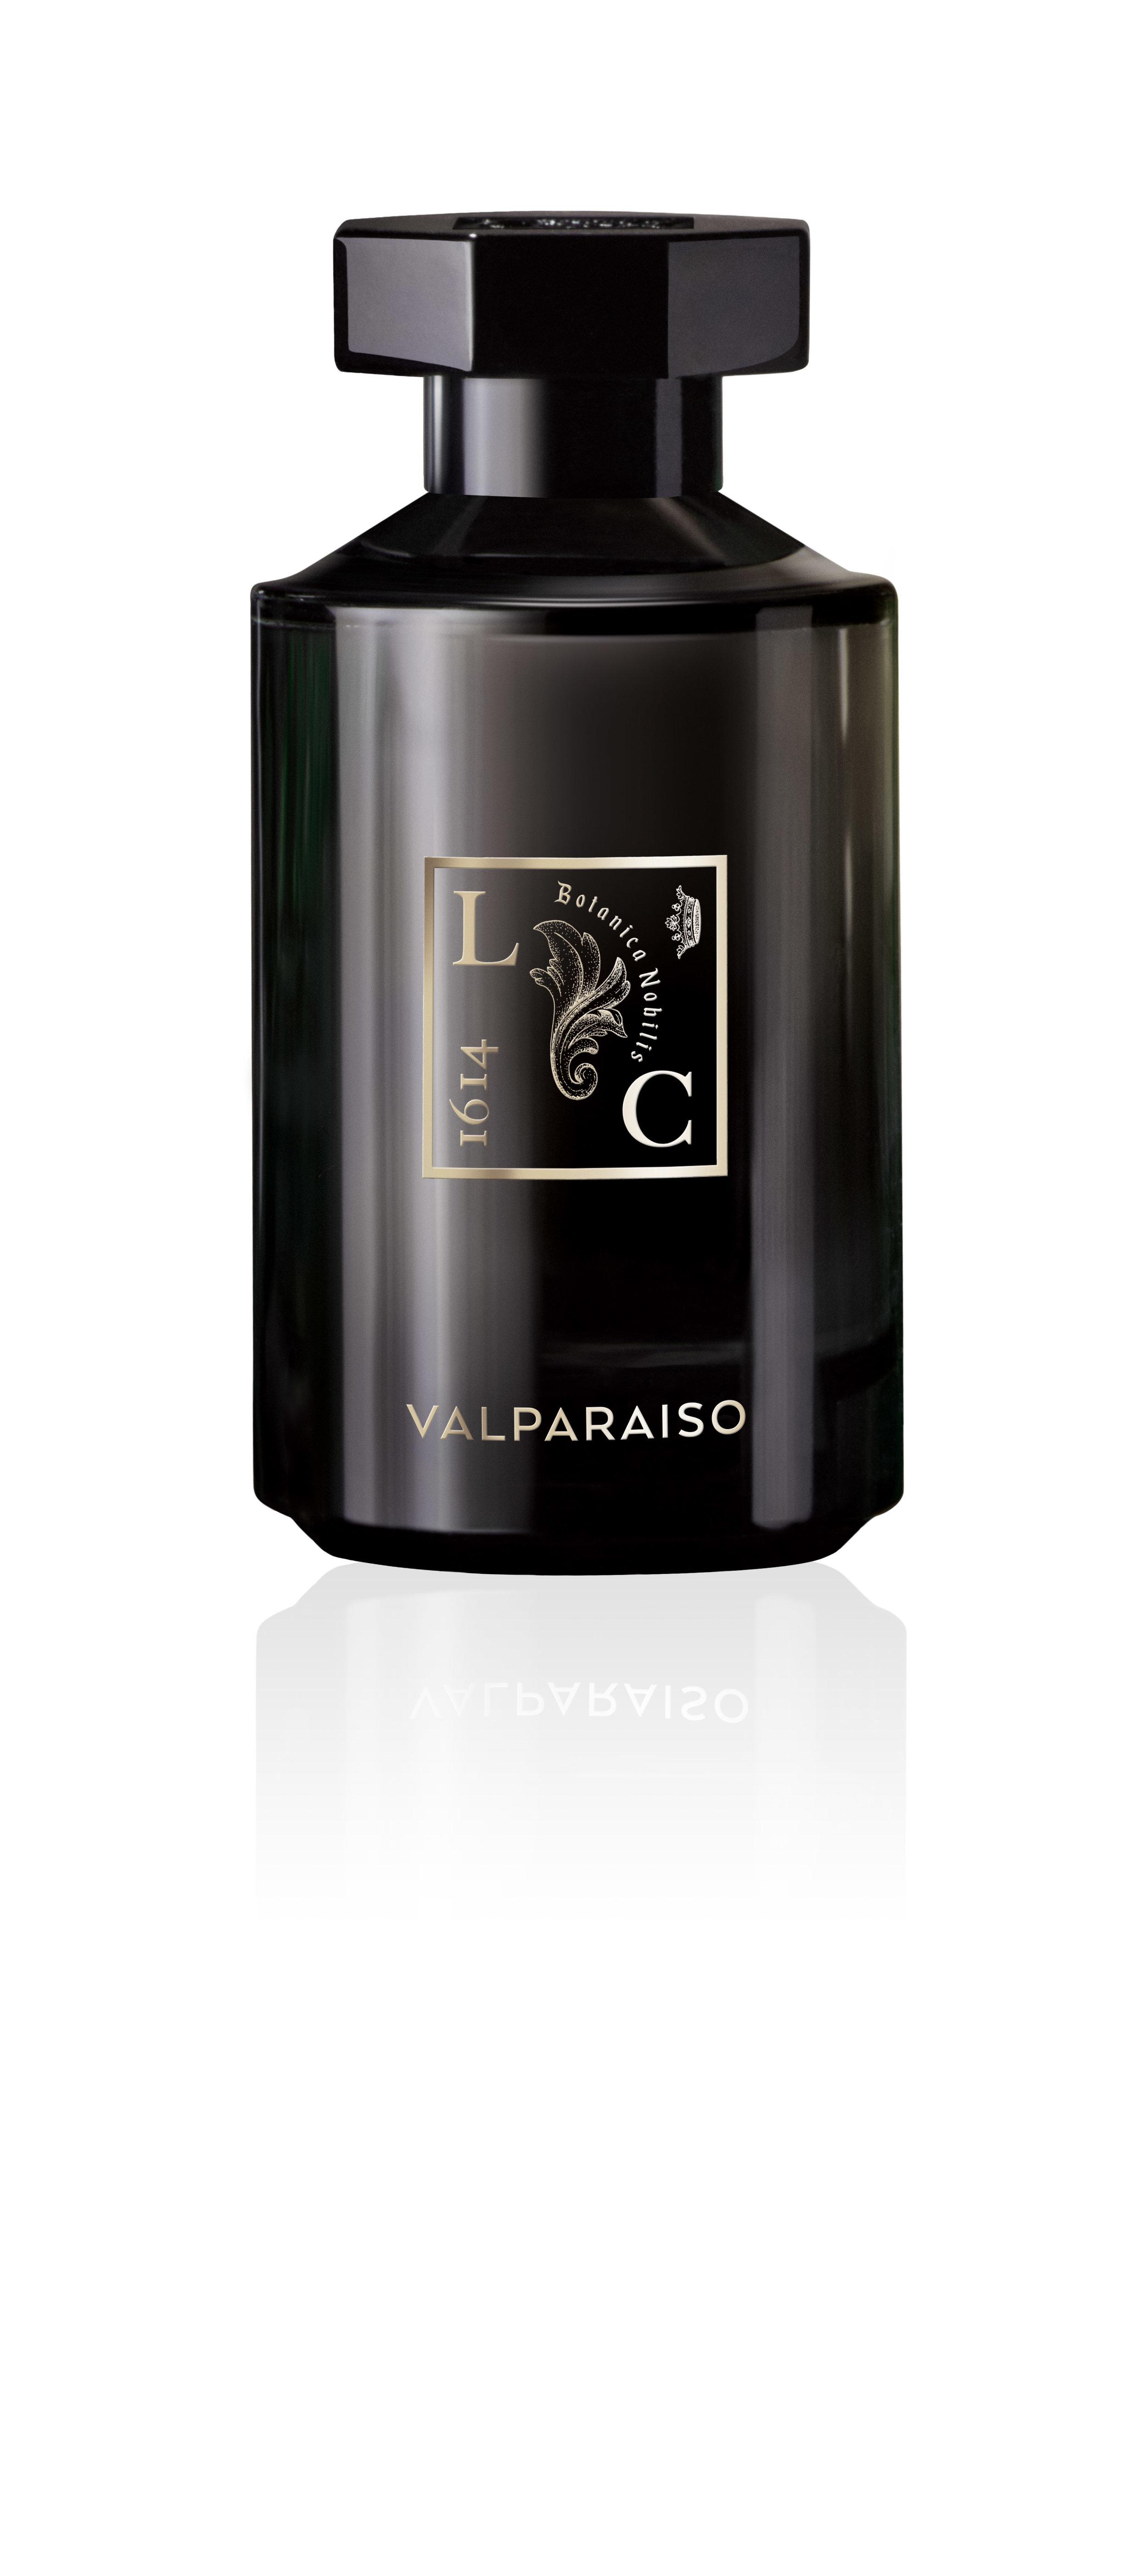 VALPARAISO-FLACON-DET-0118.jpg